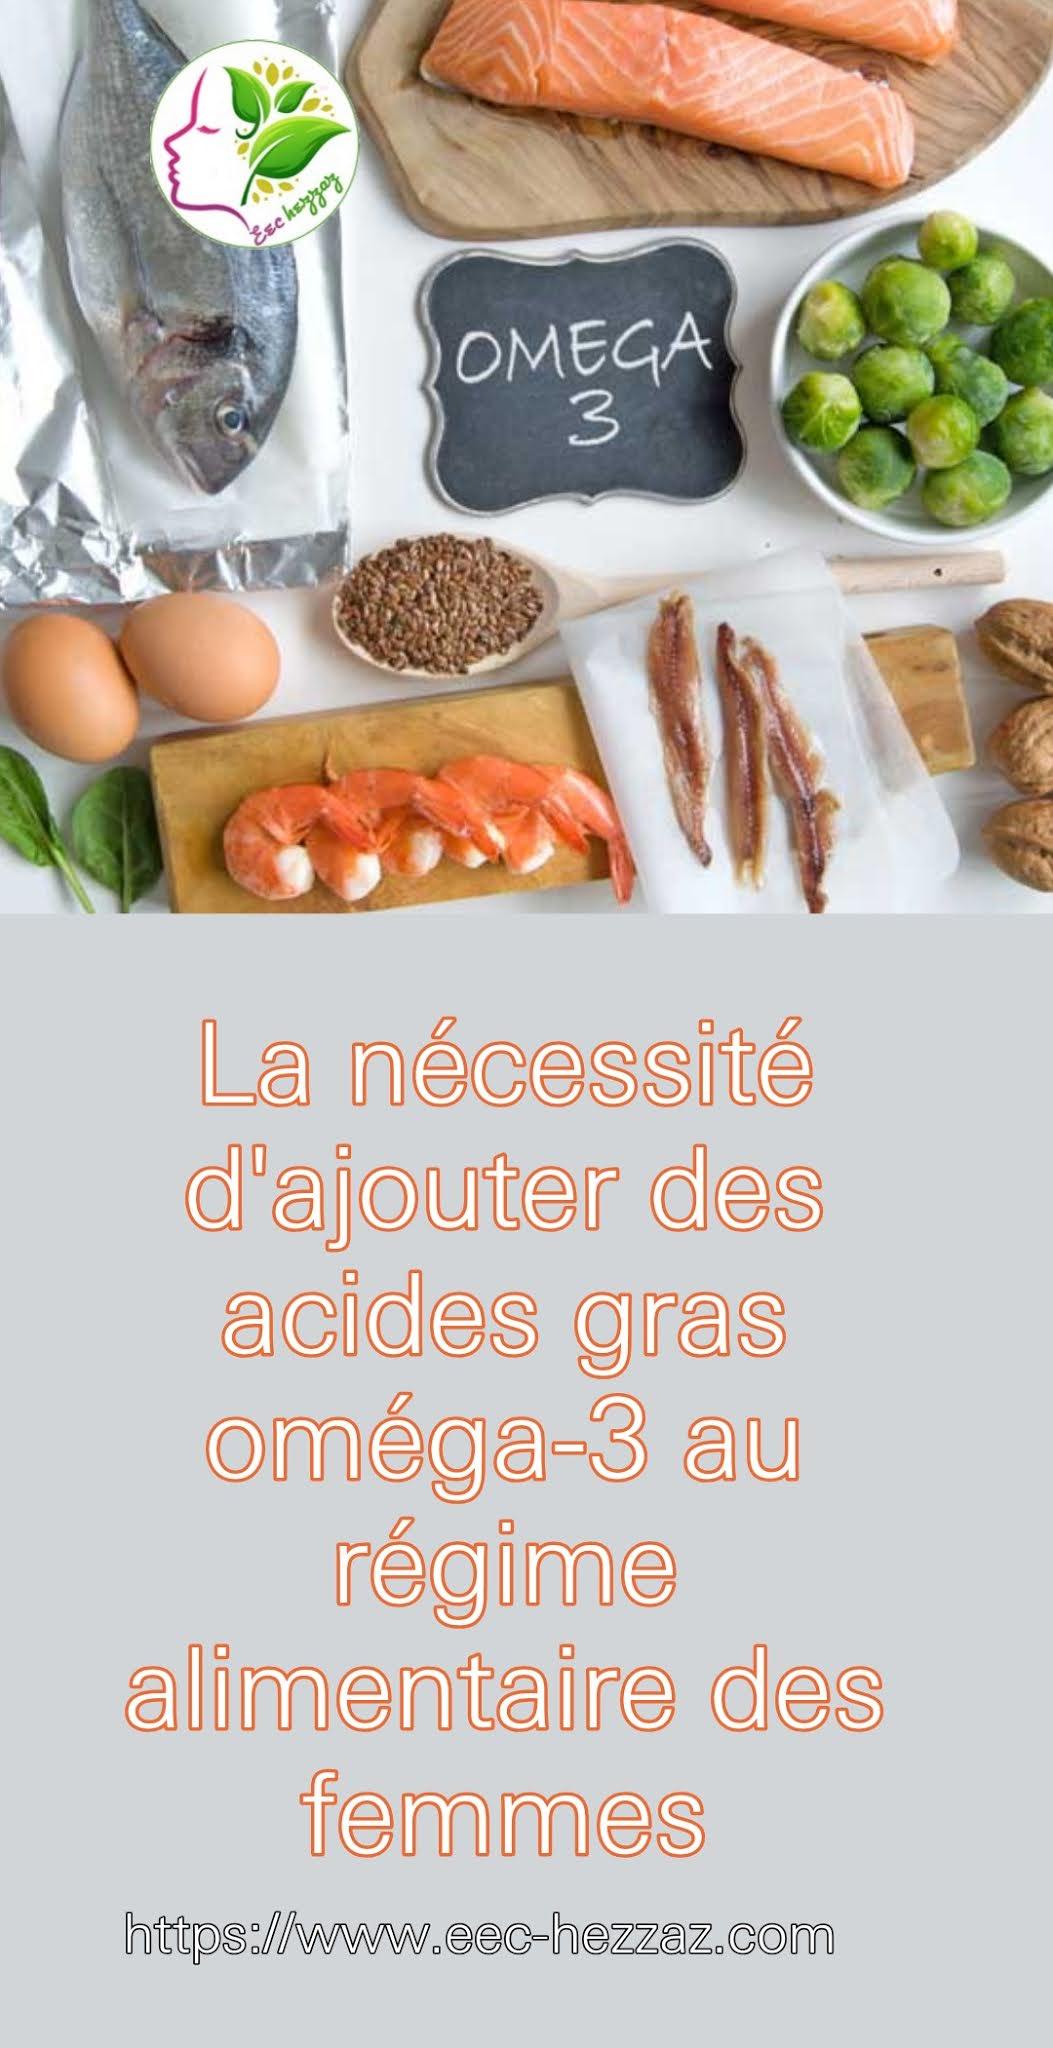 La nécessité d'ajouter des acides gras oméga-3 au régime alimentaire des femmes